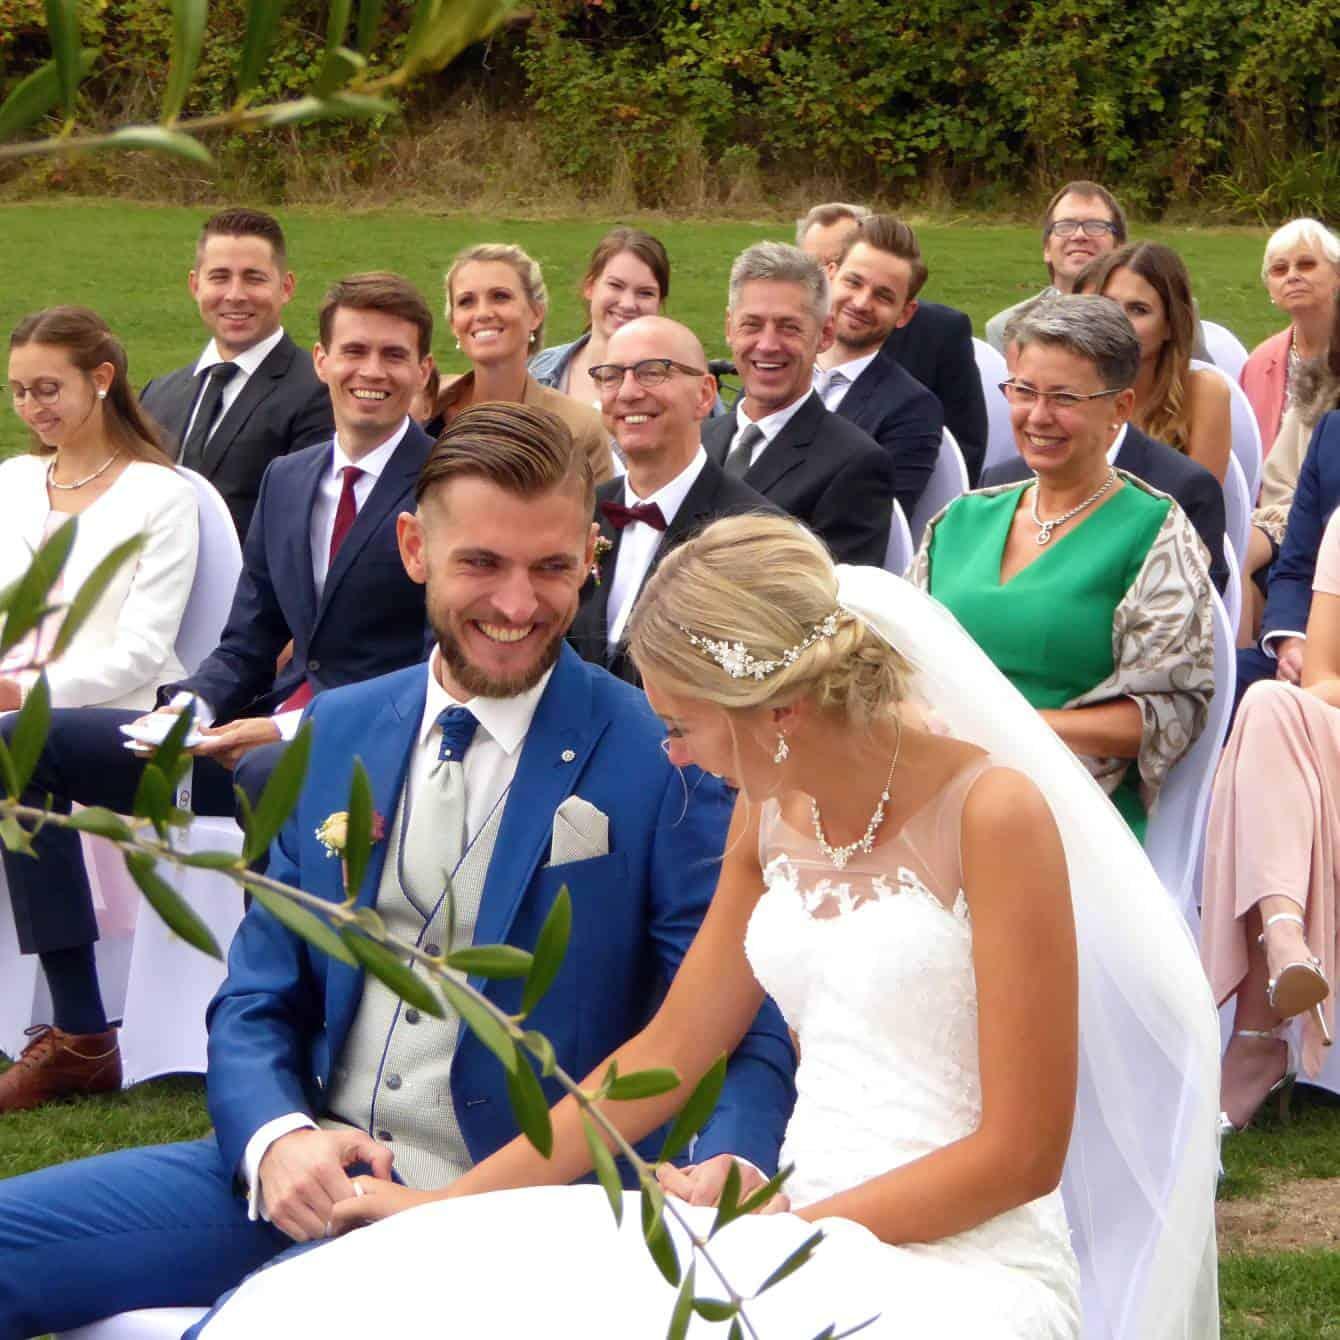 Brautpaar lacht bei der Trauzeremonie